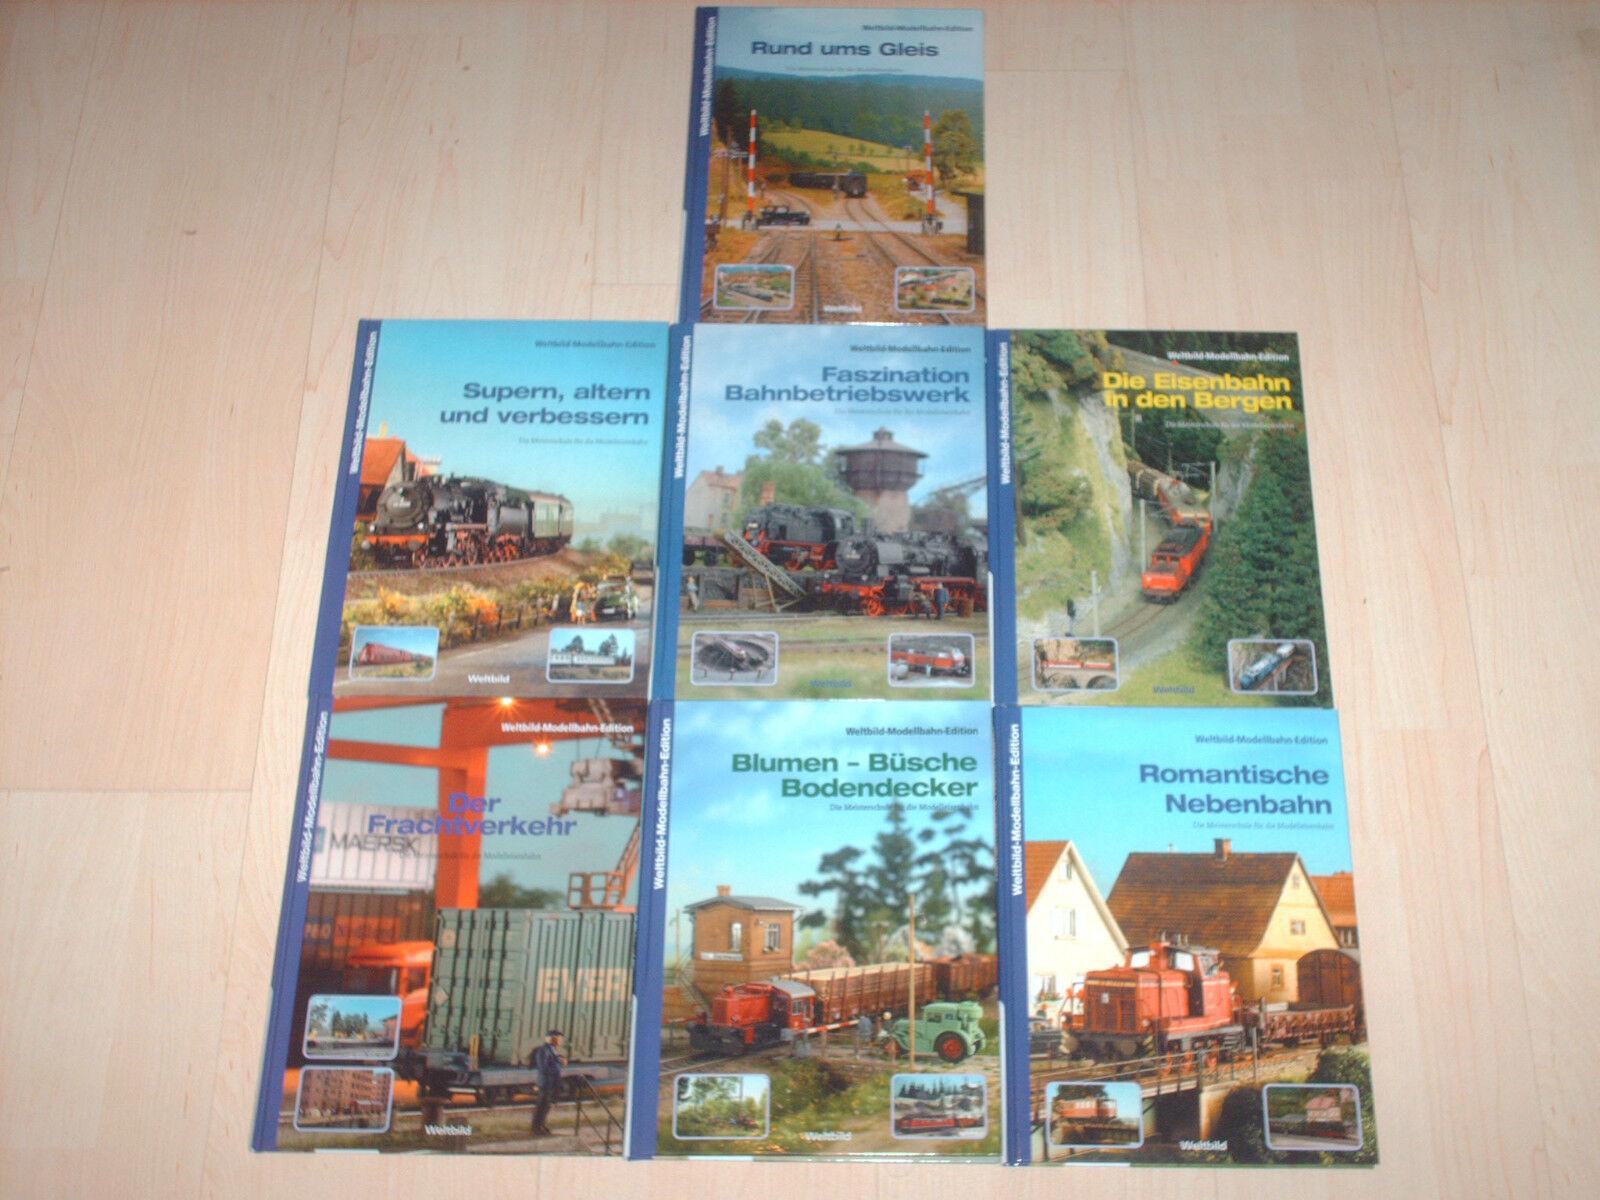 Il mondo completa immaginemodellololo FERROVIA DA COLLEZIONE edizione 7 Hardcover volumi NUOVO